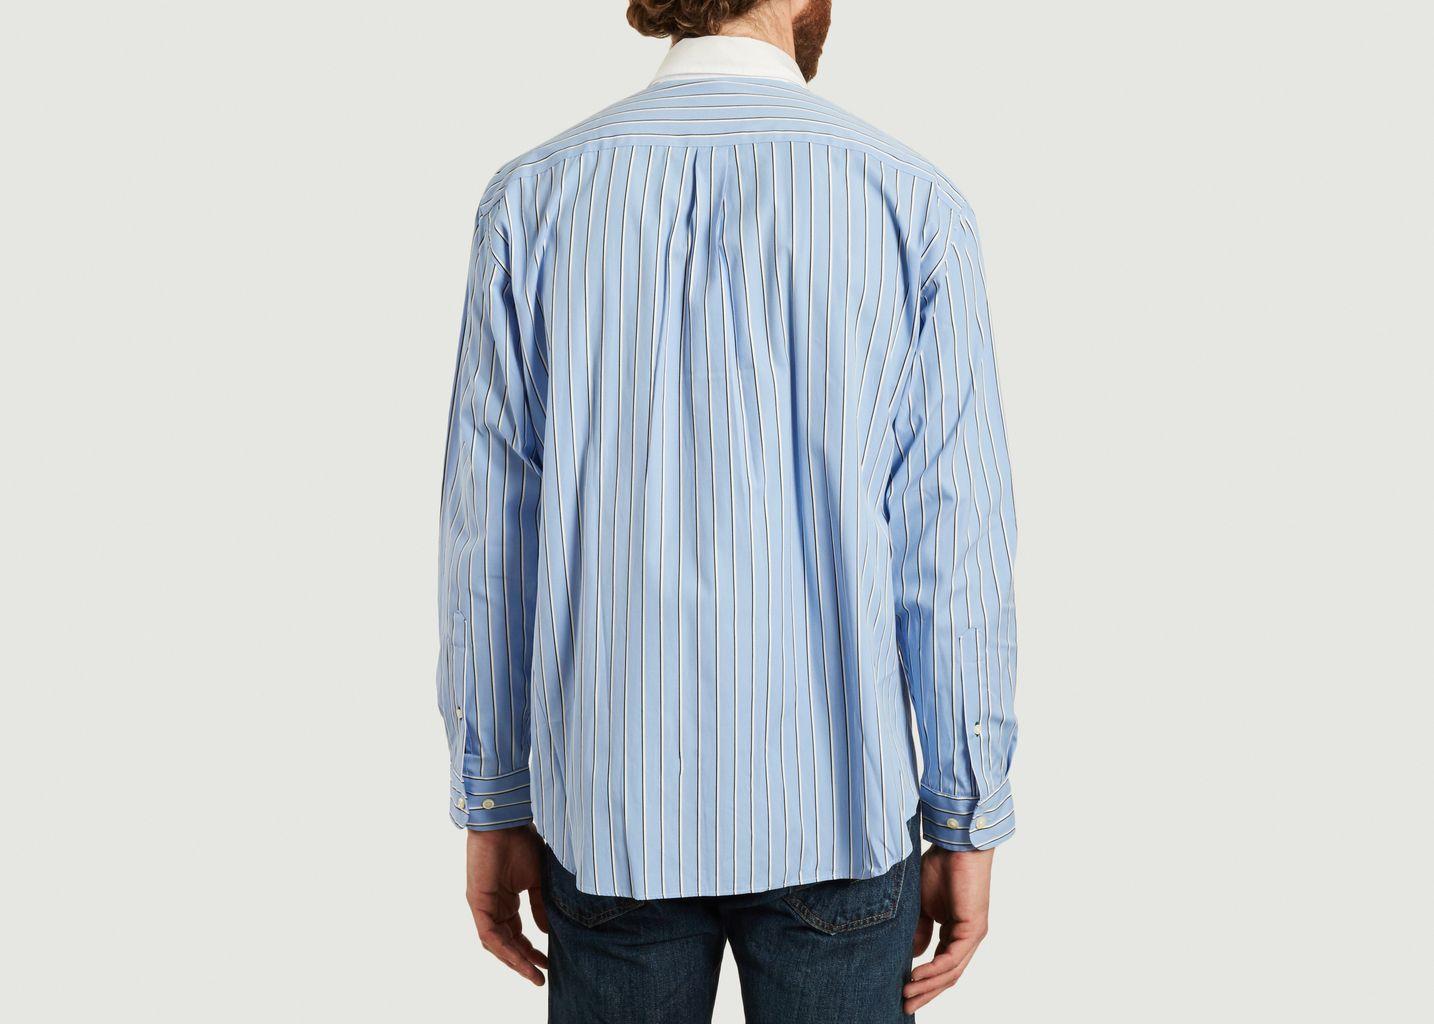 Chemise rayée coupe relax en coton - Lacoste